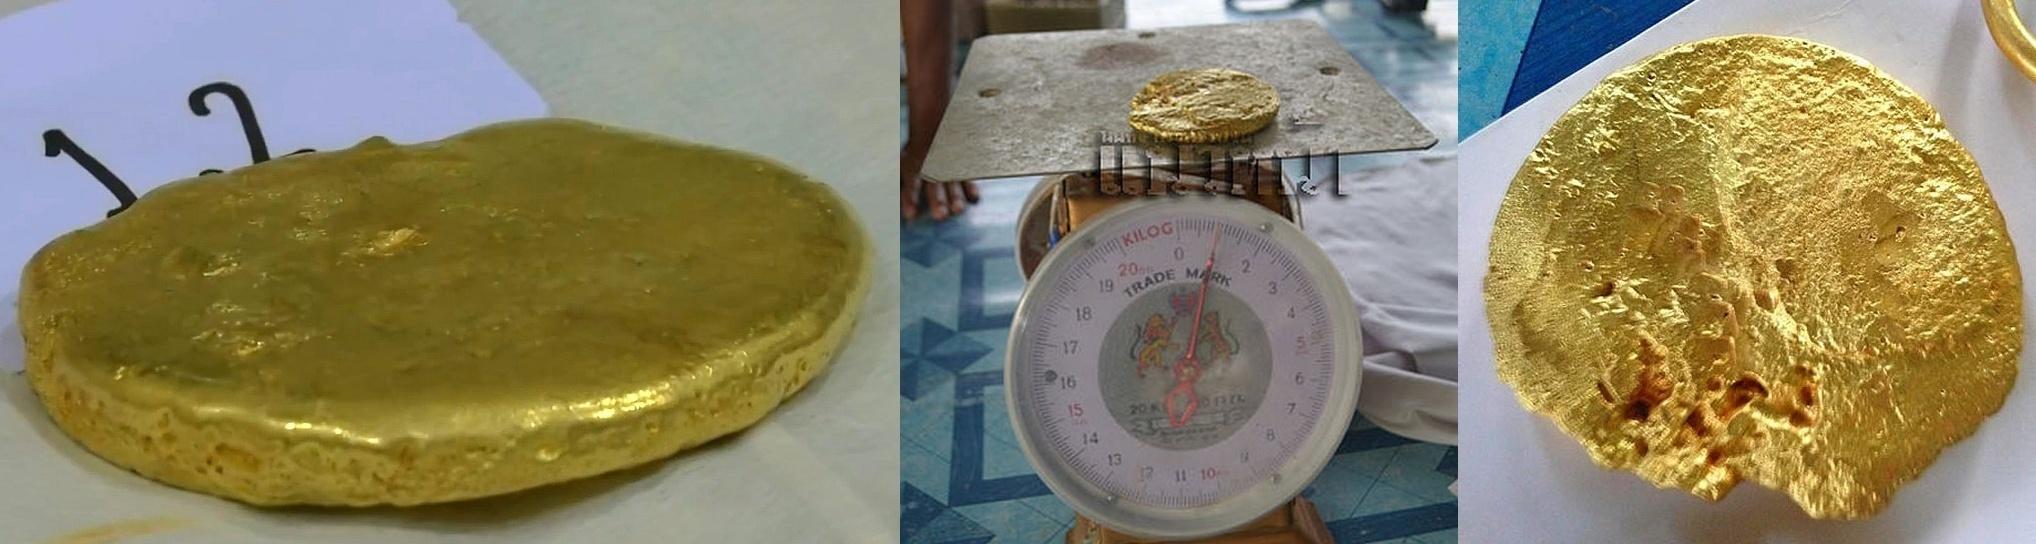 Největší objekty dosahují váhy 1 kg